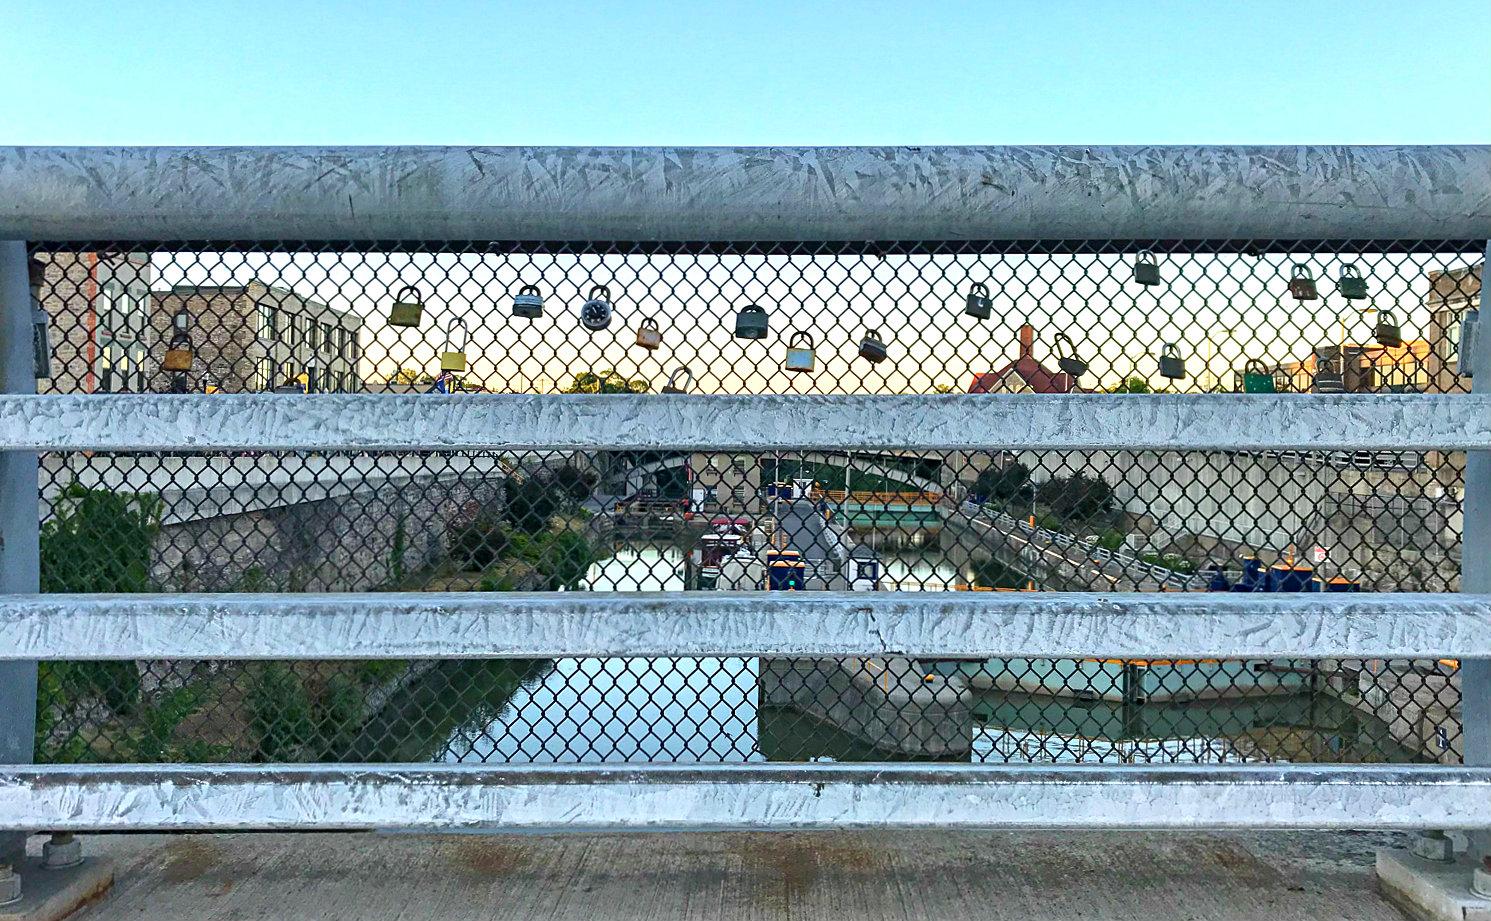 Lockport Locks - Featured Image